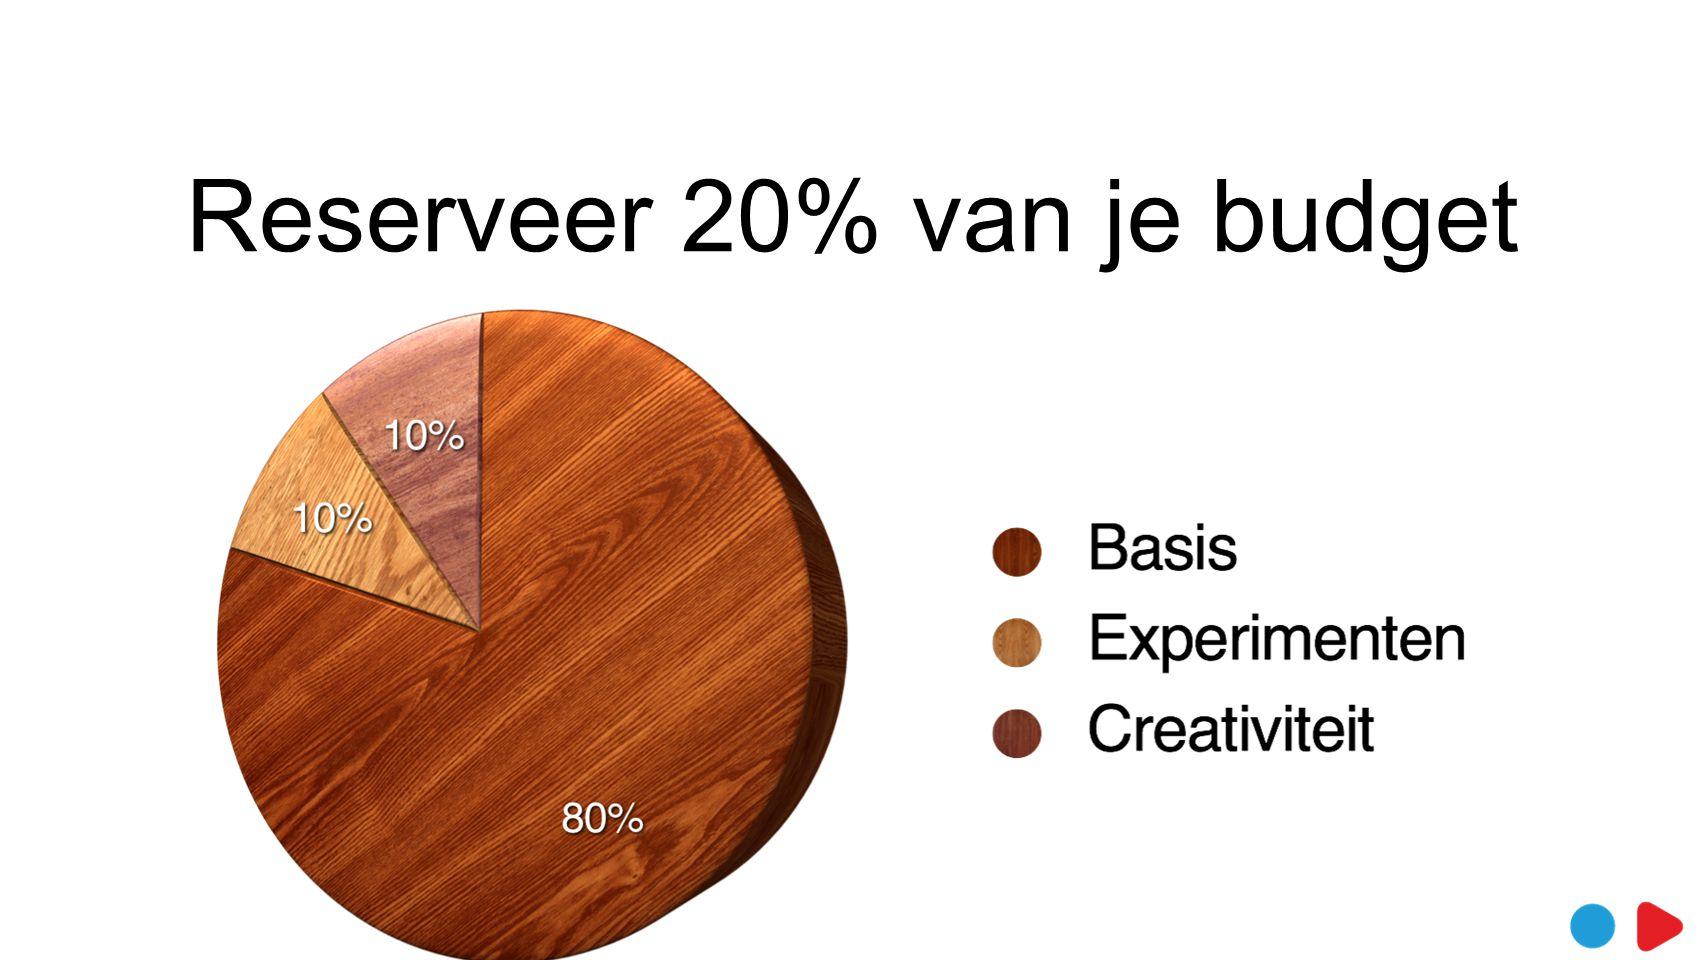 Reserveer 20% van je budget